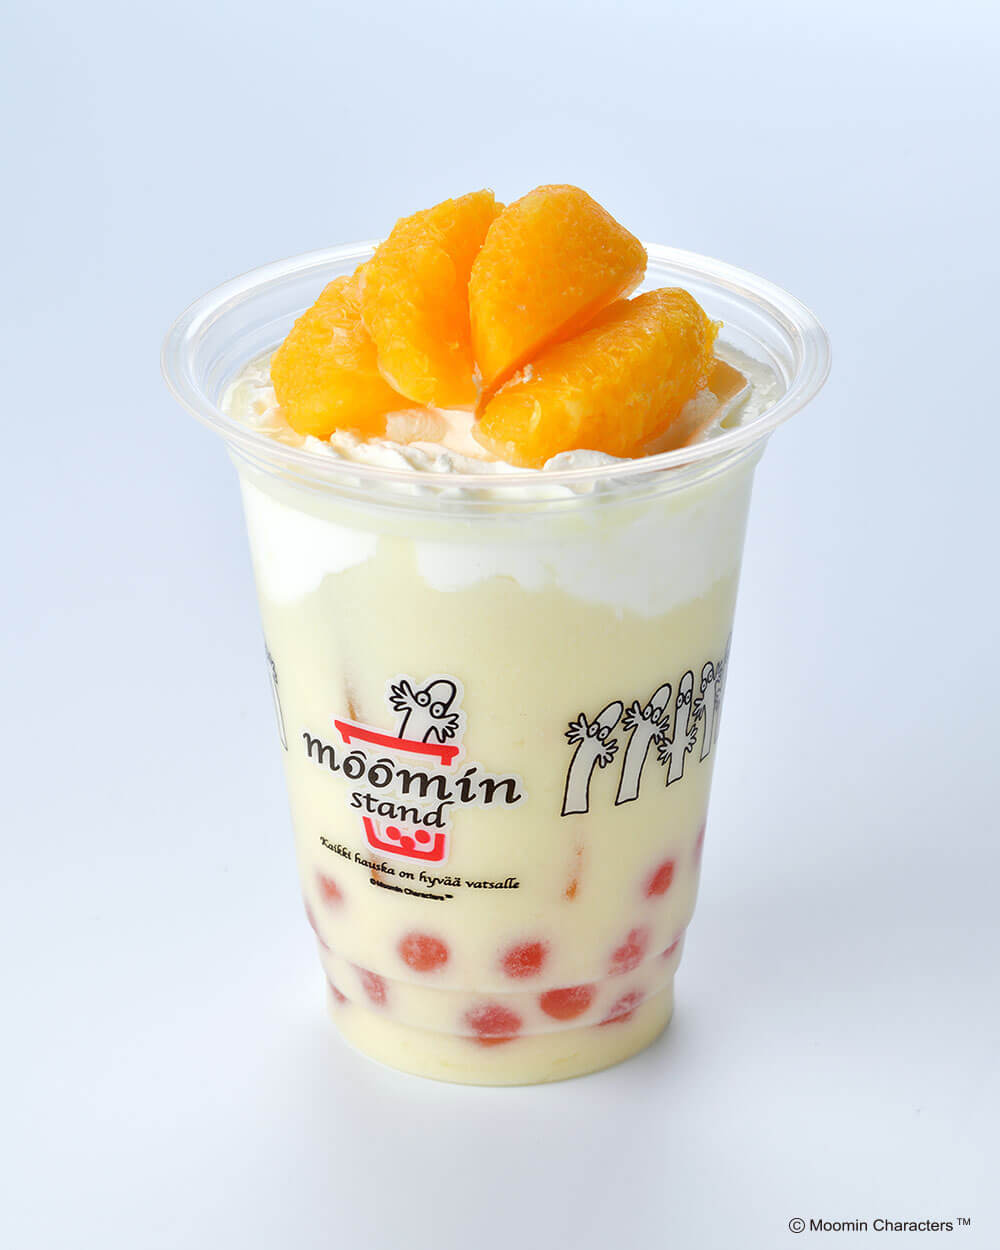 ぜいたく日向夏(ひゅうがなつ)ミルク zeitaku hyuga natsu milk ムーミン谷 moomin dani ムーミンスタンド moomin stand new product sub6